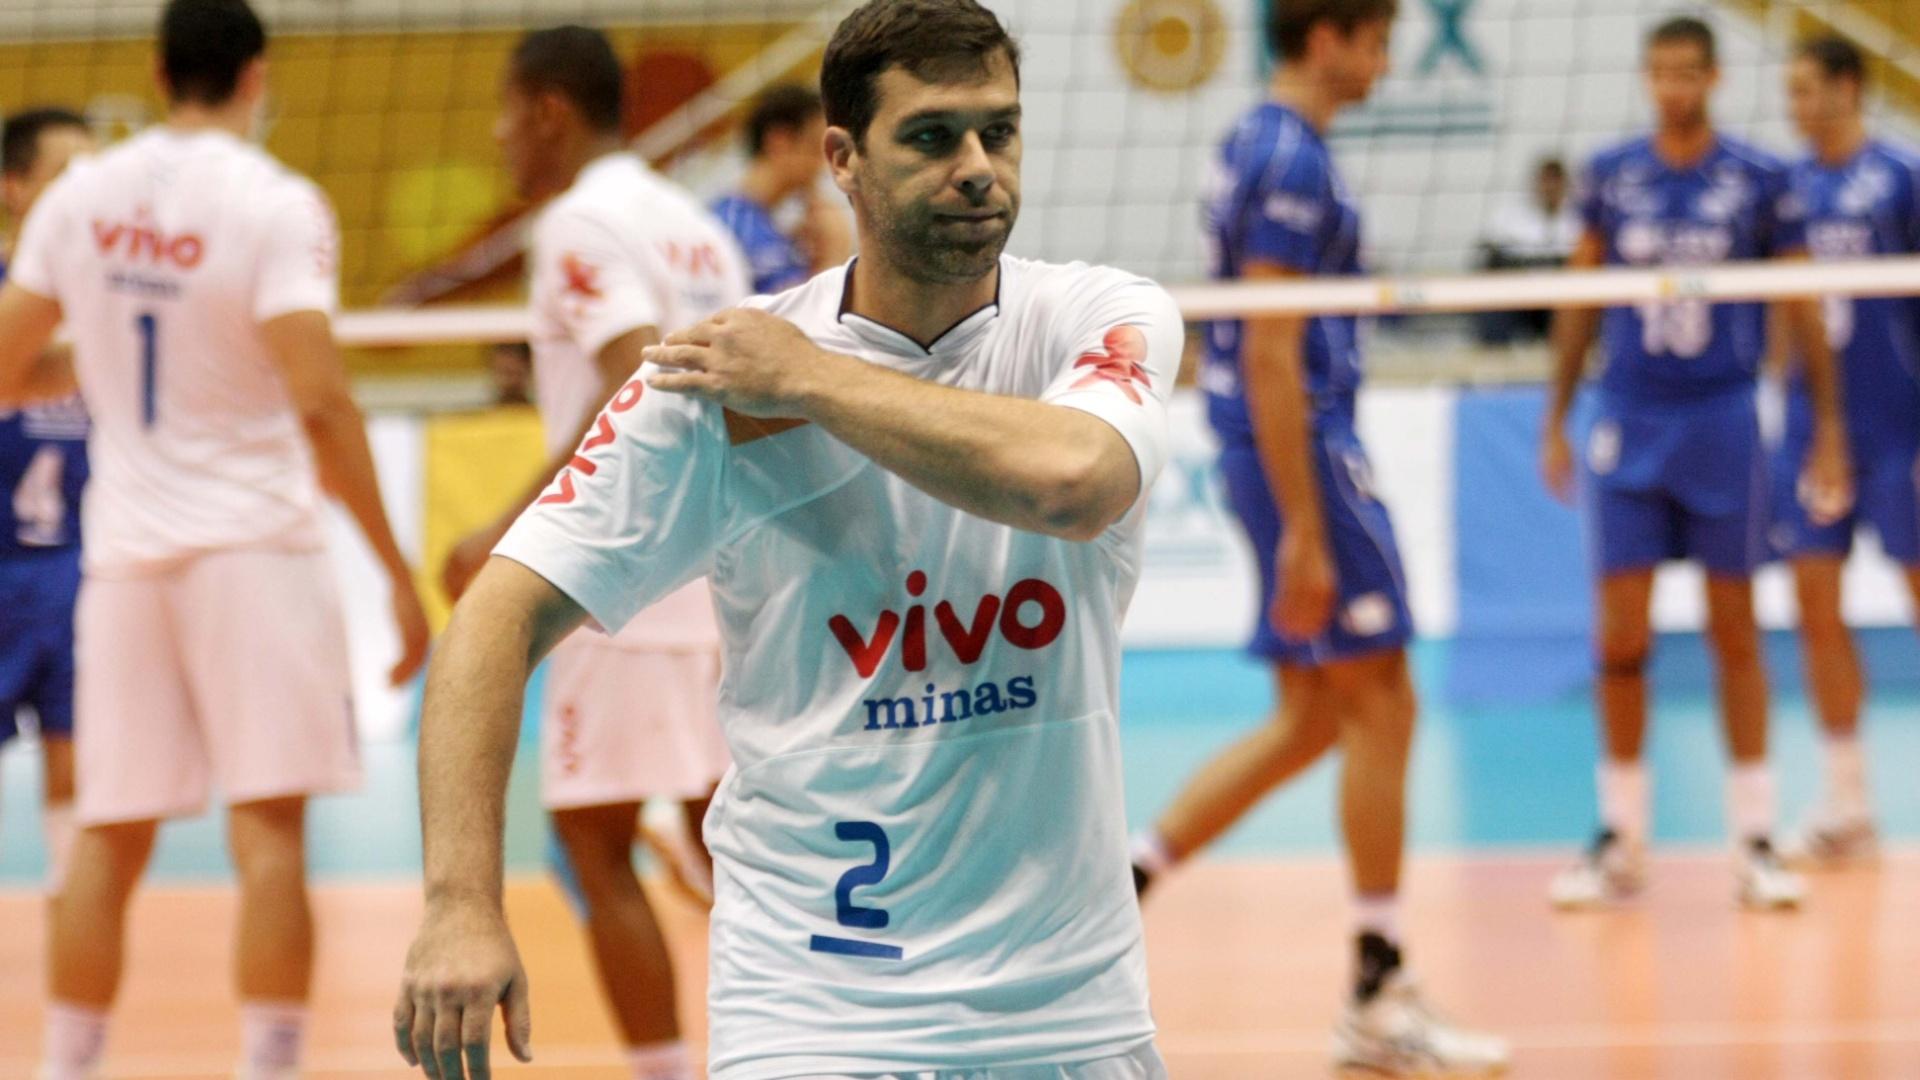 Antes de chegar ao Sesi-SP, Marcelinho passou pelo Minas, clube no qual ficou por três temporadas